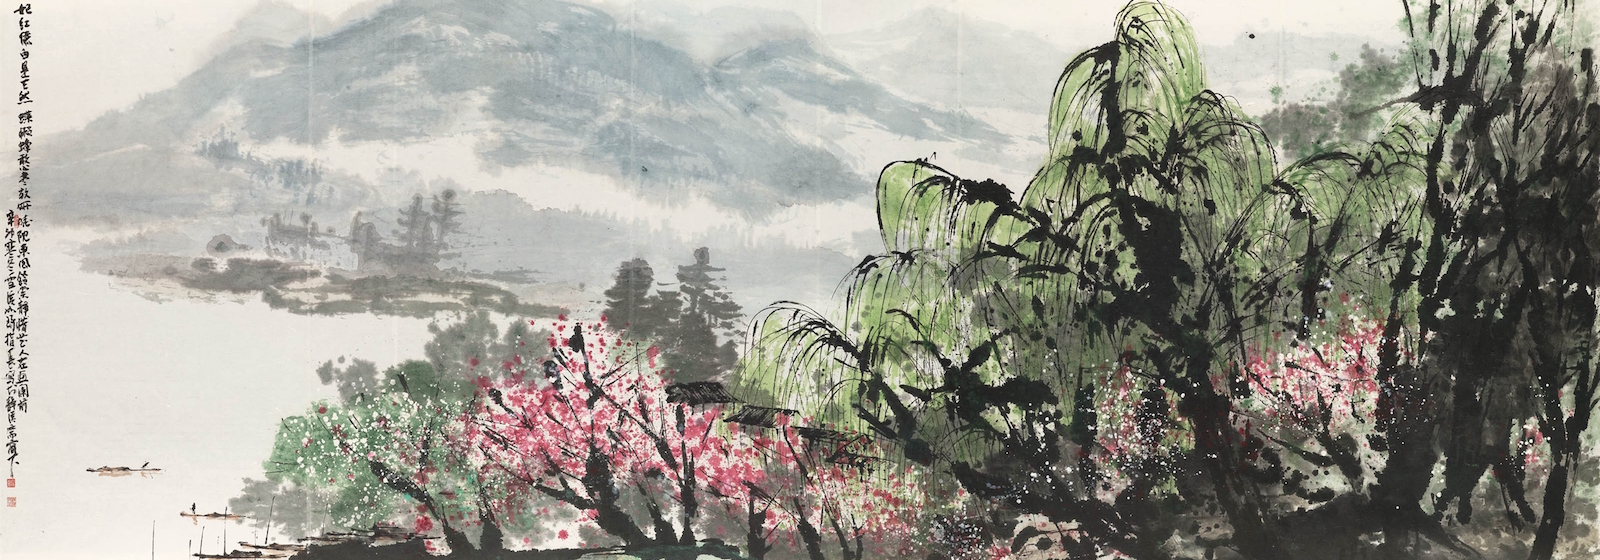 Цуй Жучжо — патриот и самый дорогой художник Китая